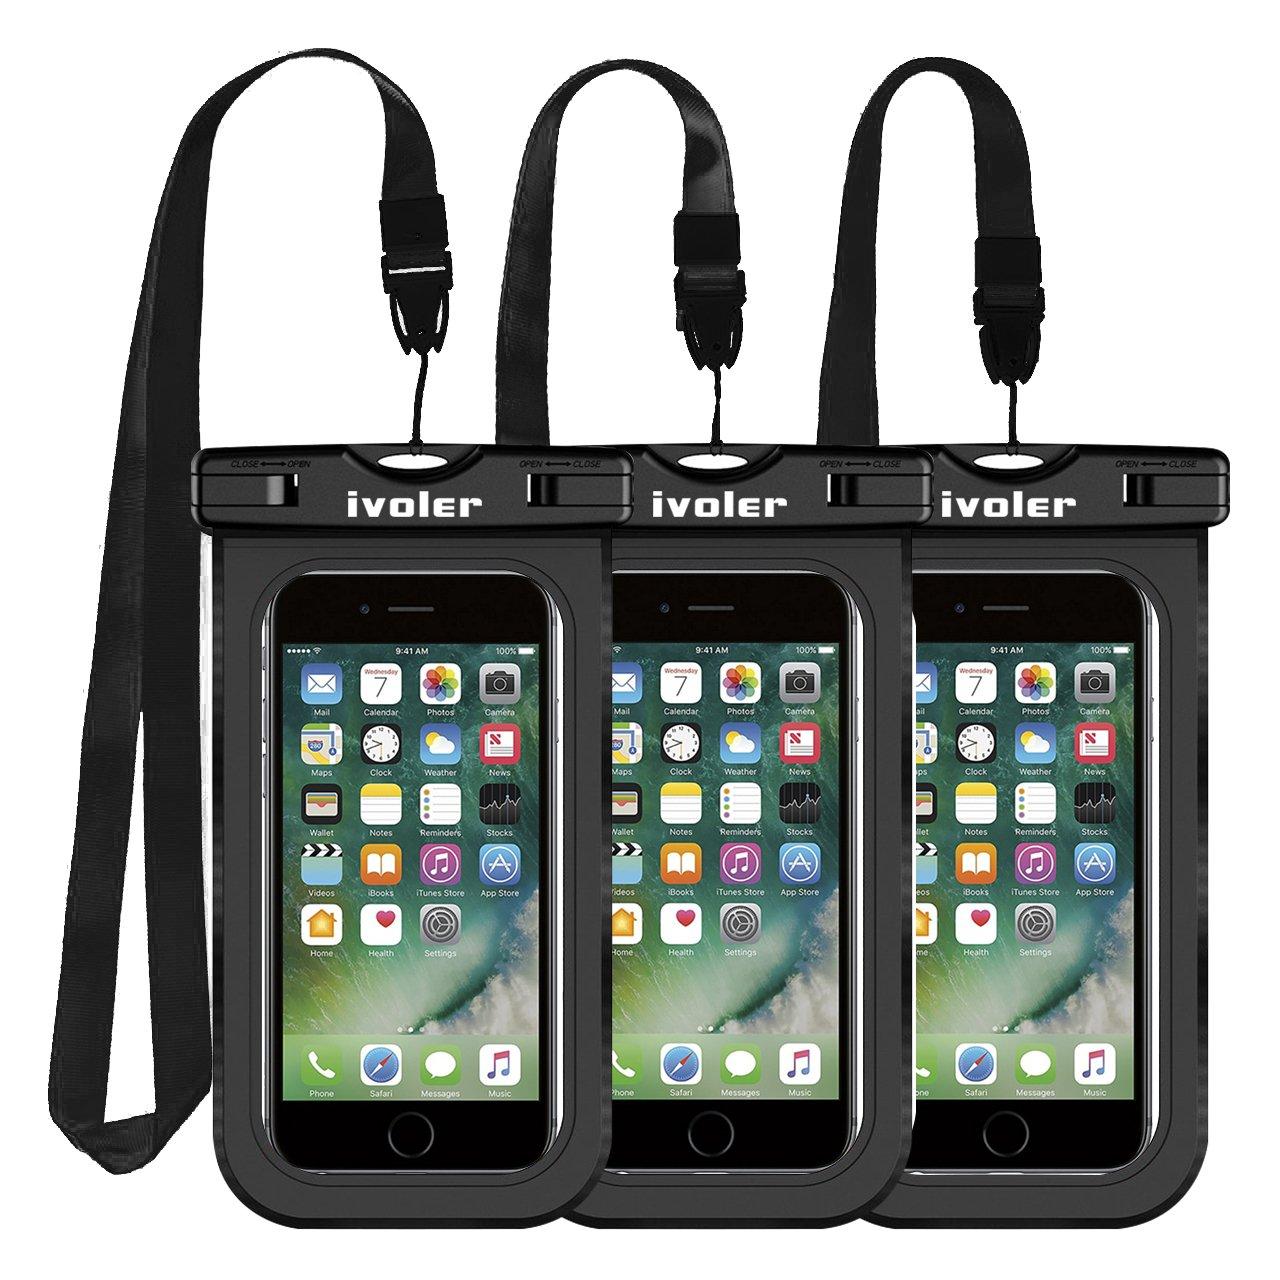 Samsung Huawei Etui//Housse//Coque /Étanche Smartphones Universel Sac Protection pour iPhone ivoler Nior//Bleu//Rose Certifi/ée IPX8 Pochette /Étanche T/él/éphone Jusqu/à 6,5 Pouce Pack de 3